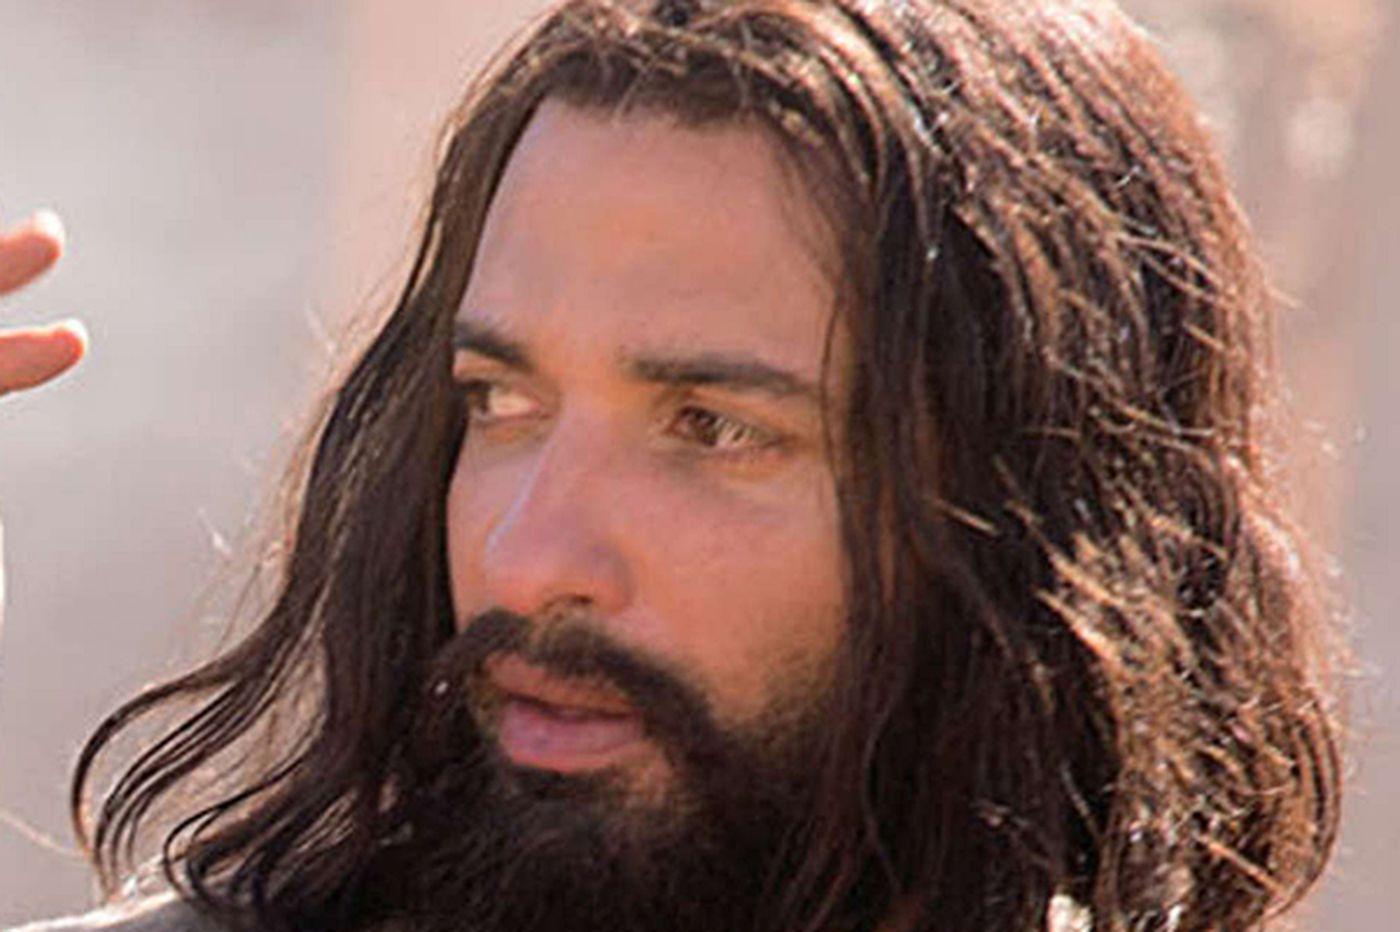 Weekend TV picks: 'Killing Jesus,' 'Mr. Selfridge' and more